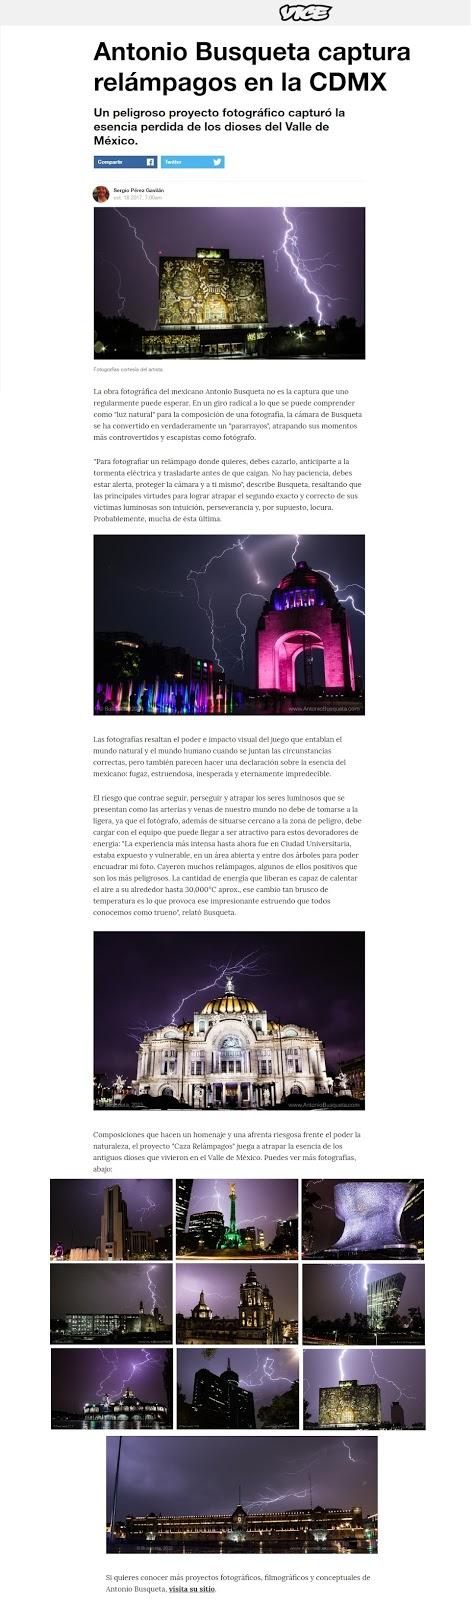 https://www.vice.com/es_mx/article/9k3epd/creators-antonio-busqueta-captura-relampagos-en-la-cdmx